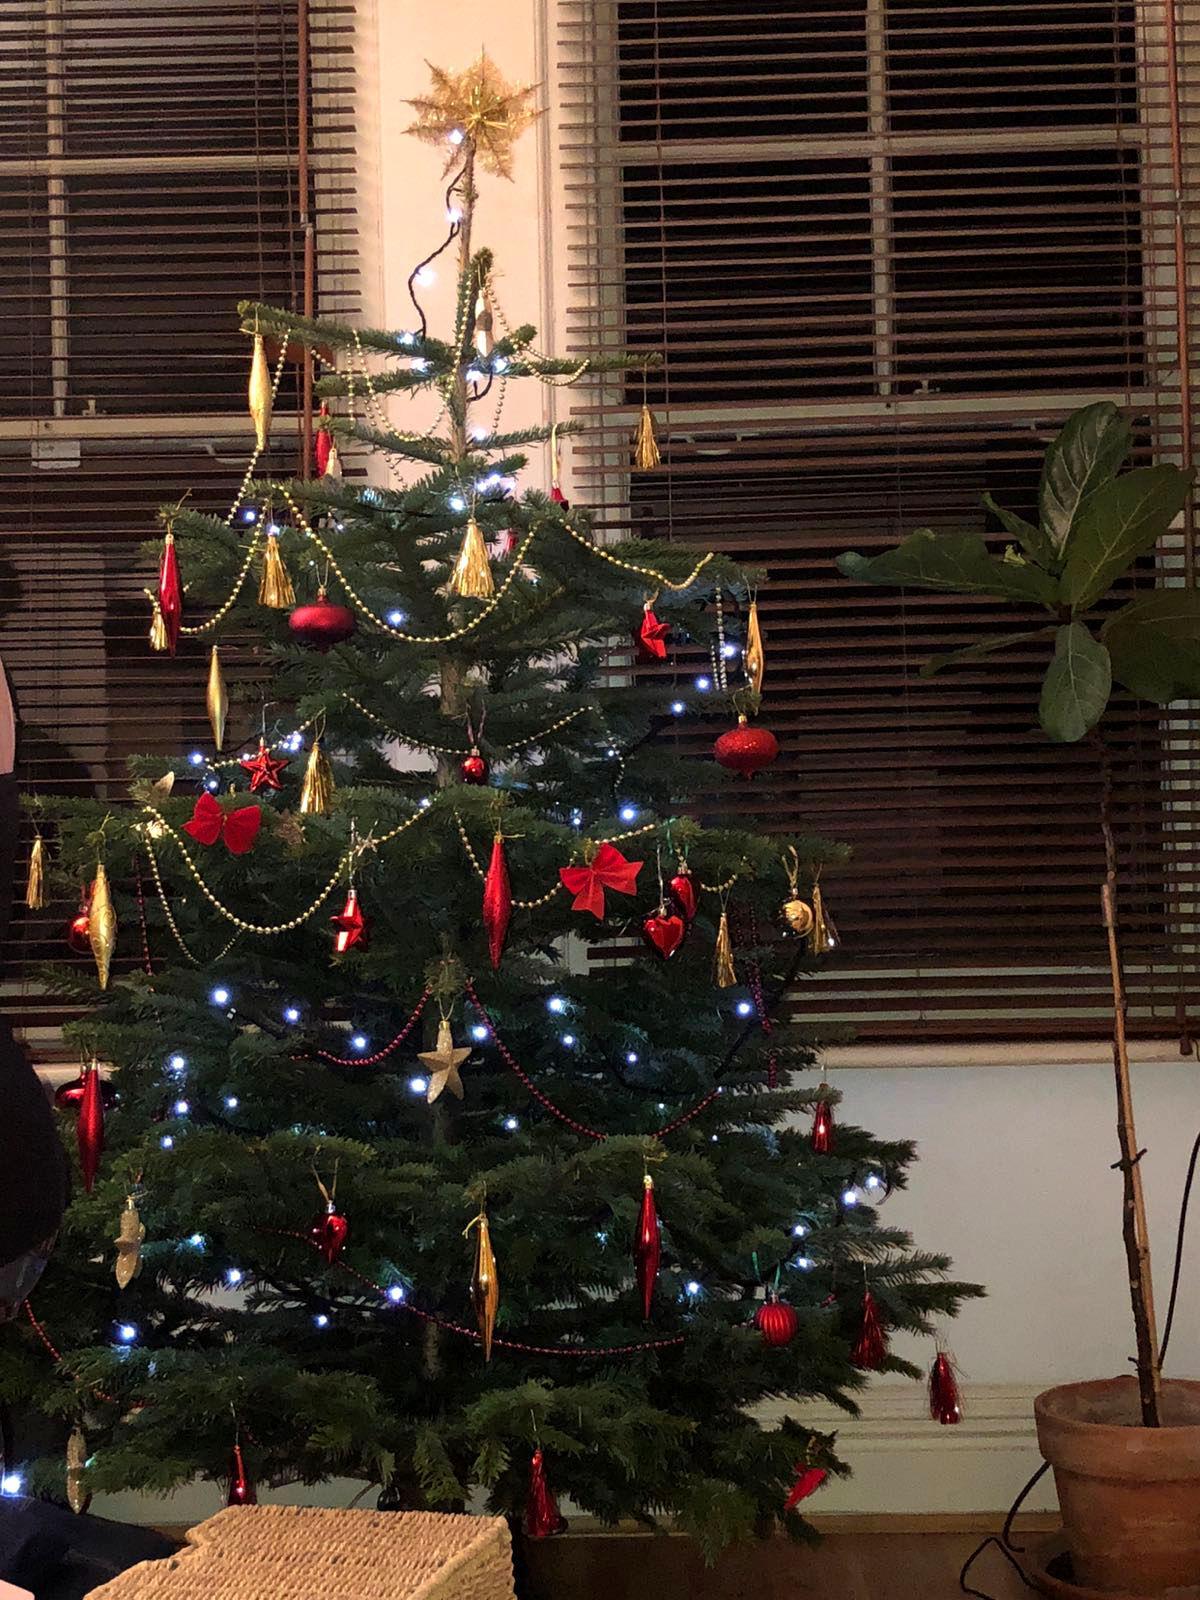 Our Xmas tree.